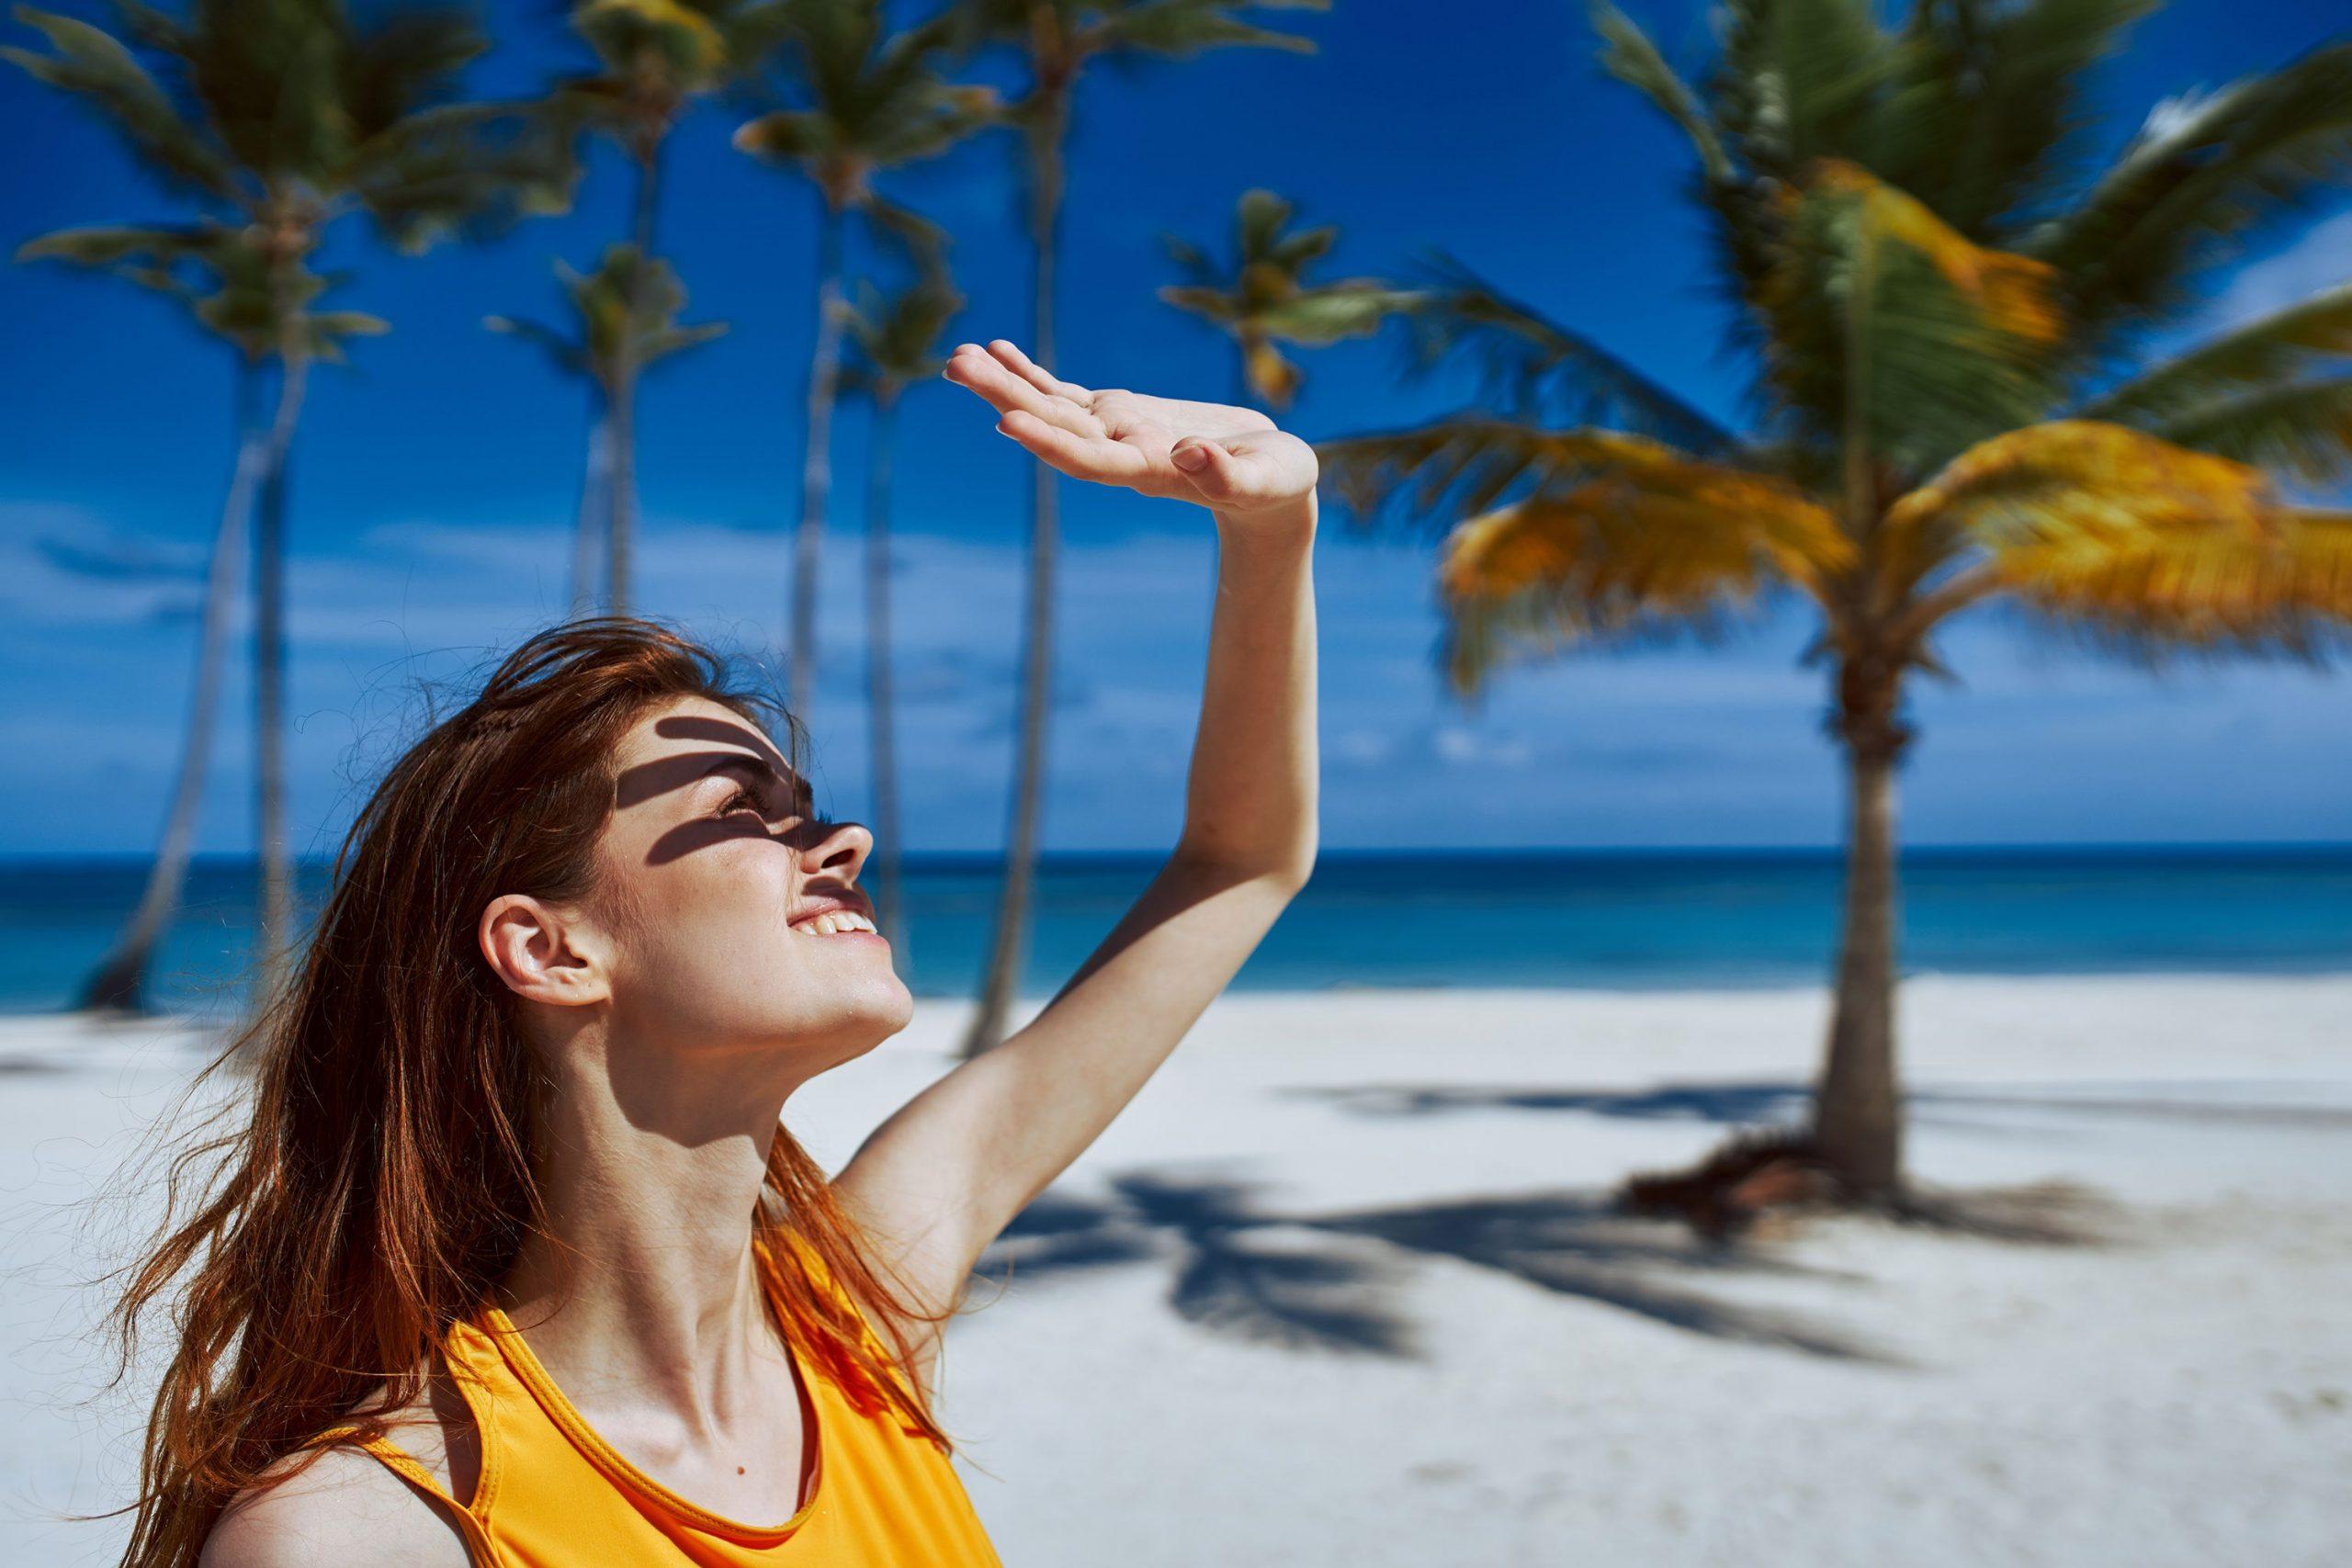 Pse është i rëndësishëm për lëkurën ekspozimi në dritën e diellit